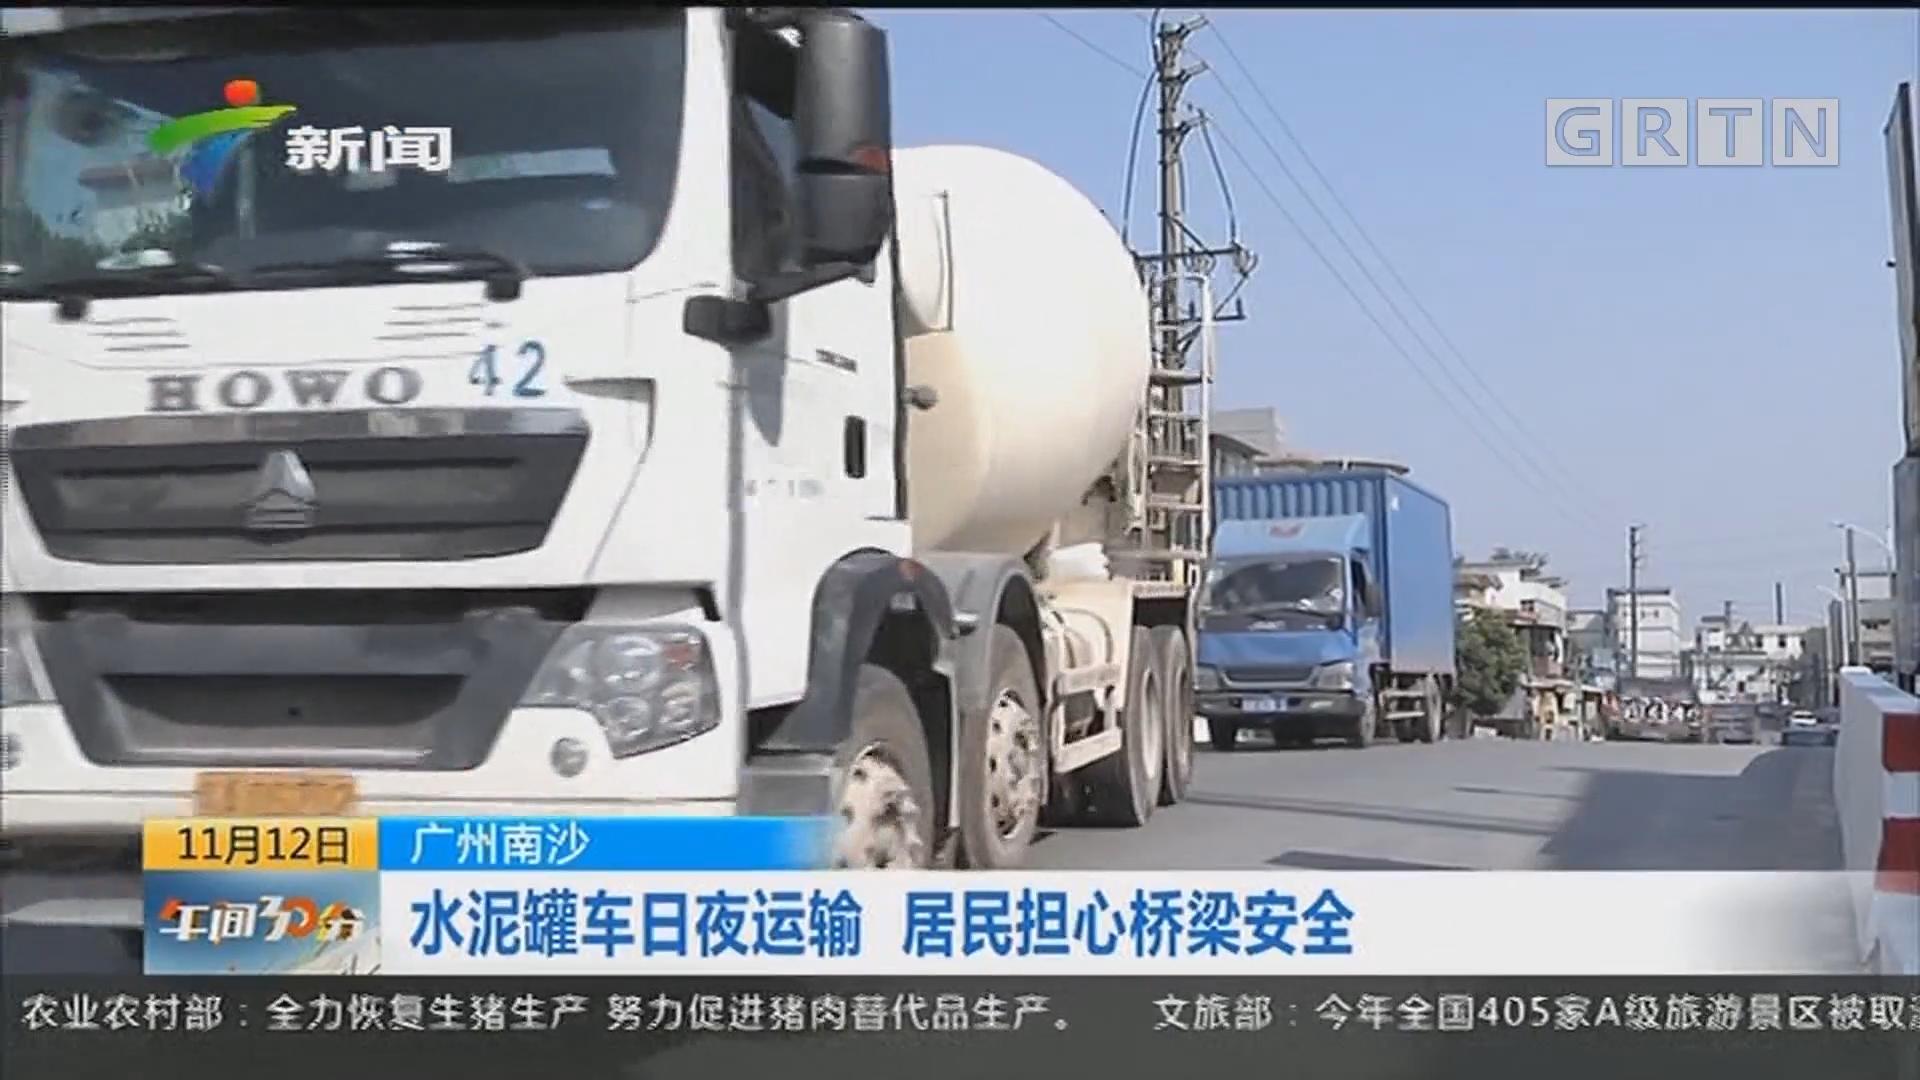 广州南沙:水泥罐车日夜运输 居民担心桥梁安全